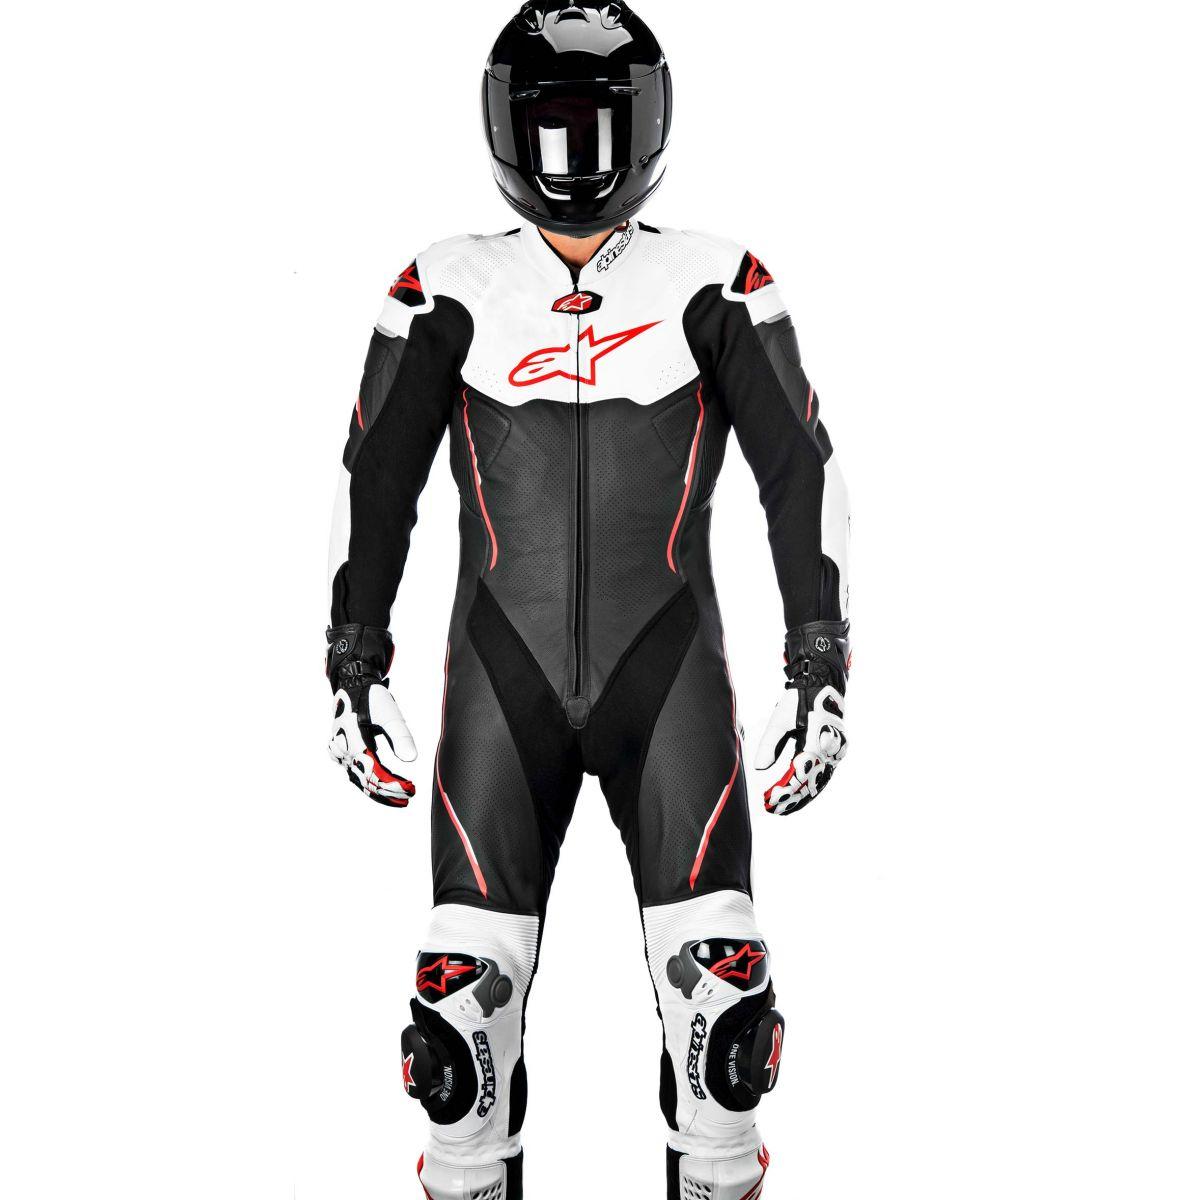 Macacão Alpinestars Atem 1 pçs (Black/White/Red)  - Nova Suzuki Motos e Acessórios